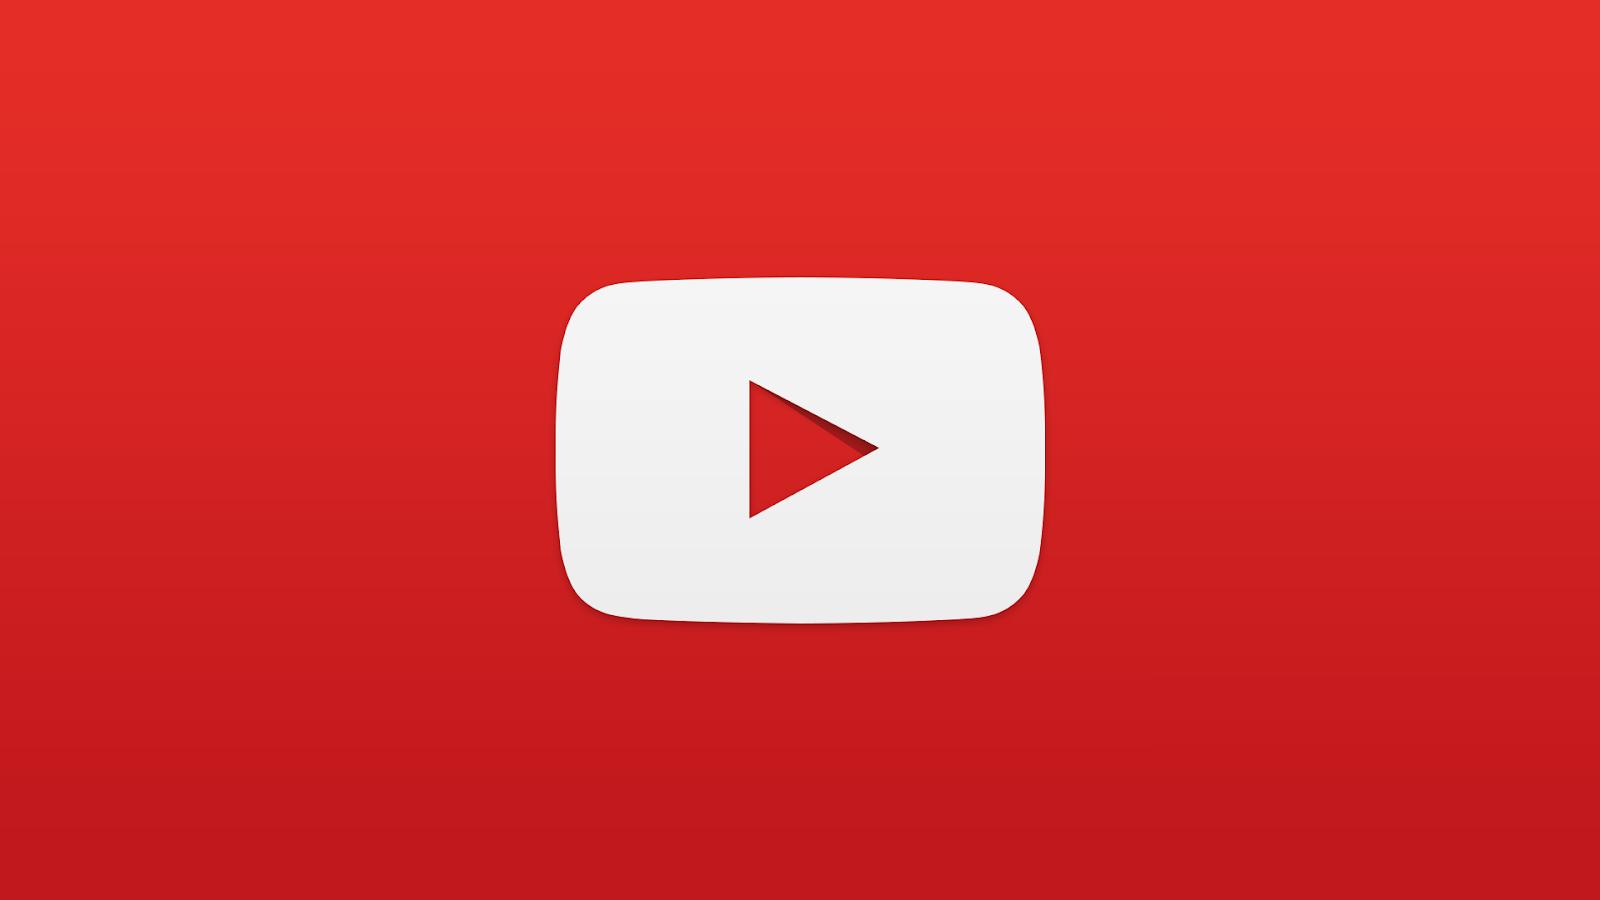 طريقة تحميل فيديو من يوتيوب YouTube بدون استخدام برامج